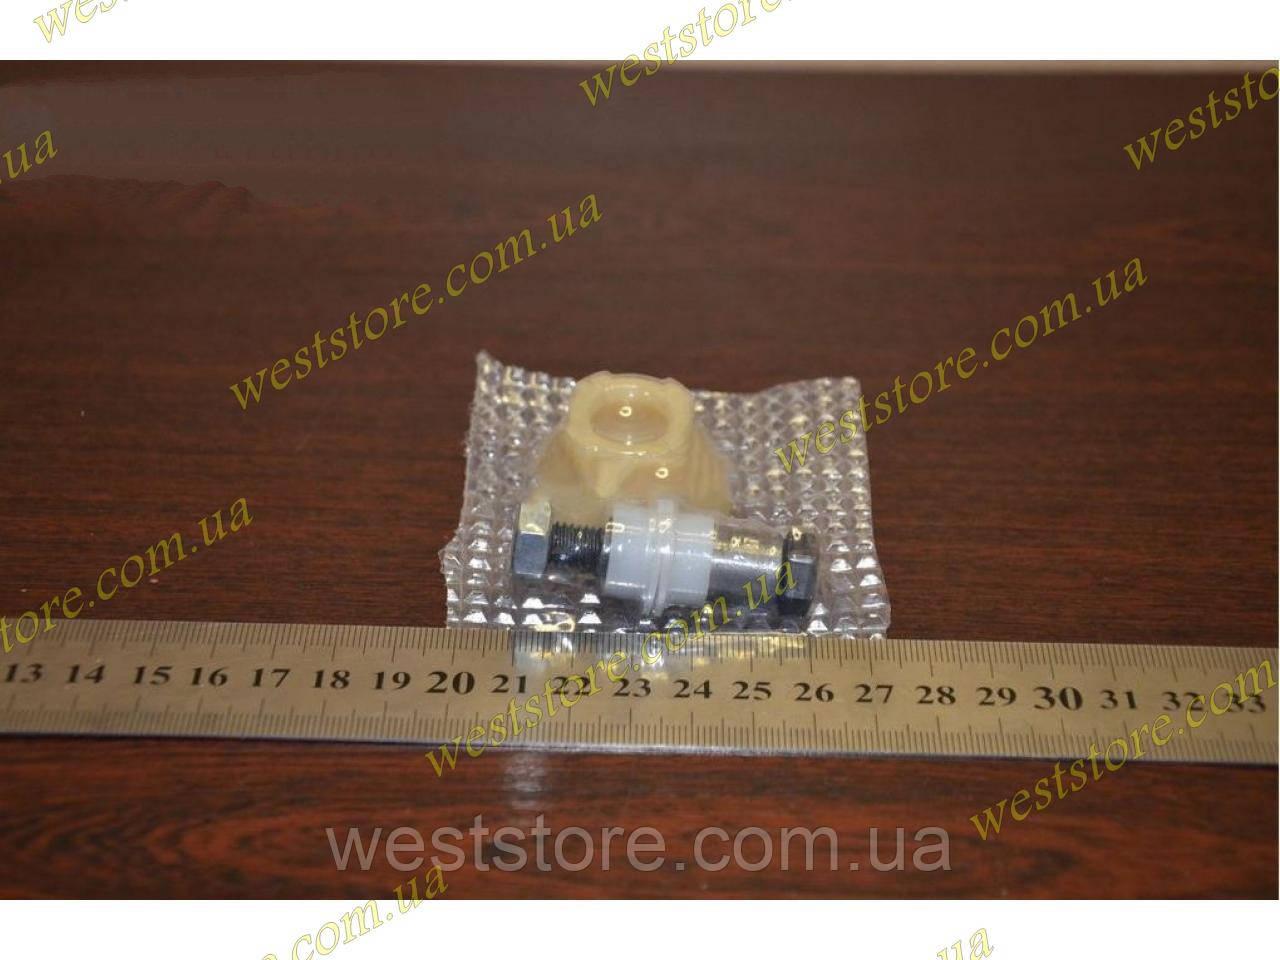 Ремкомплект кулисы Ваз 2108 2109 21099 нового образца (под гайку)